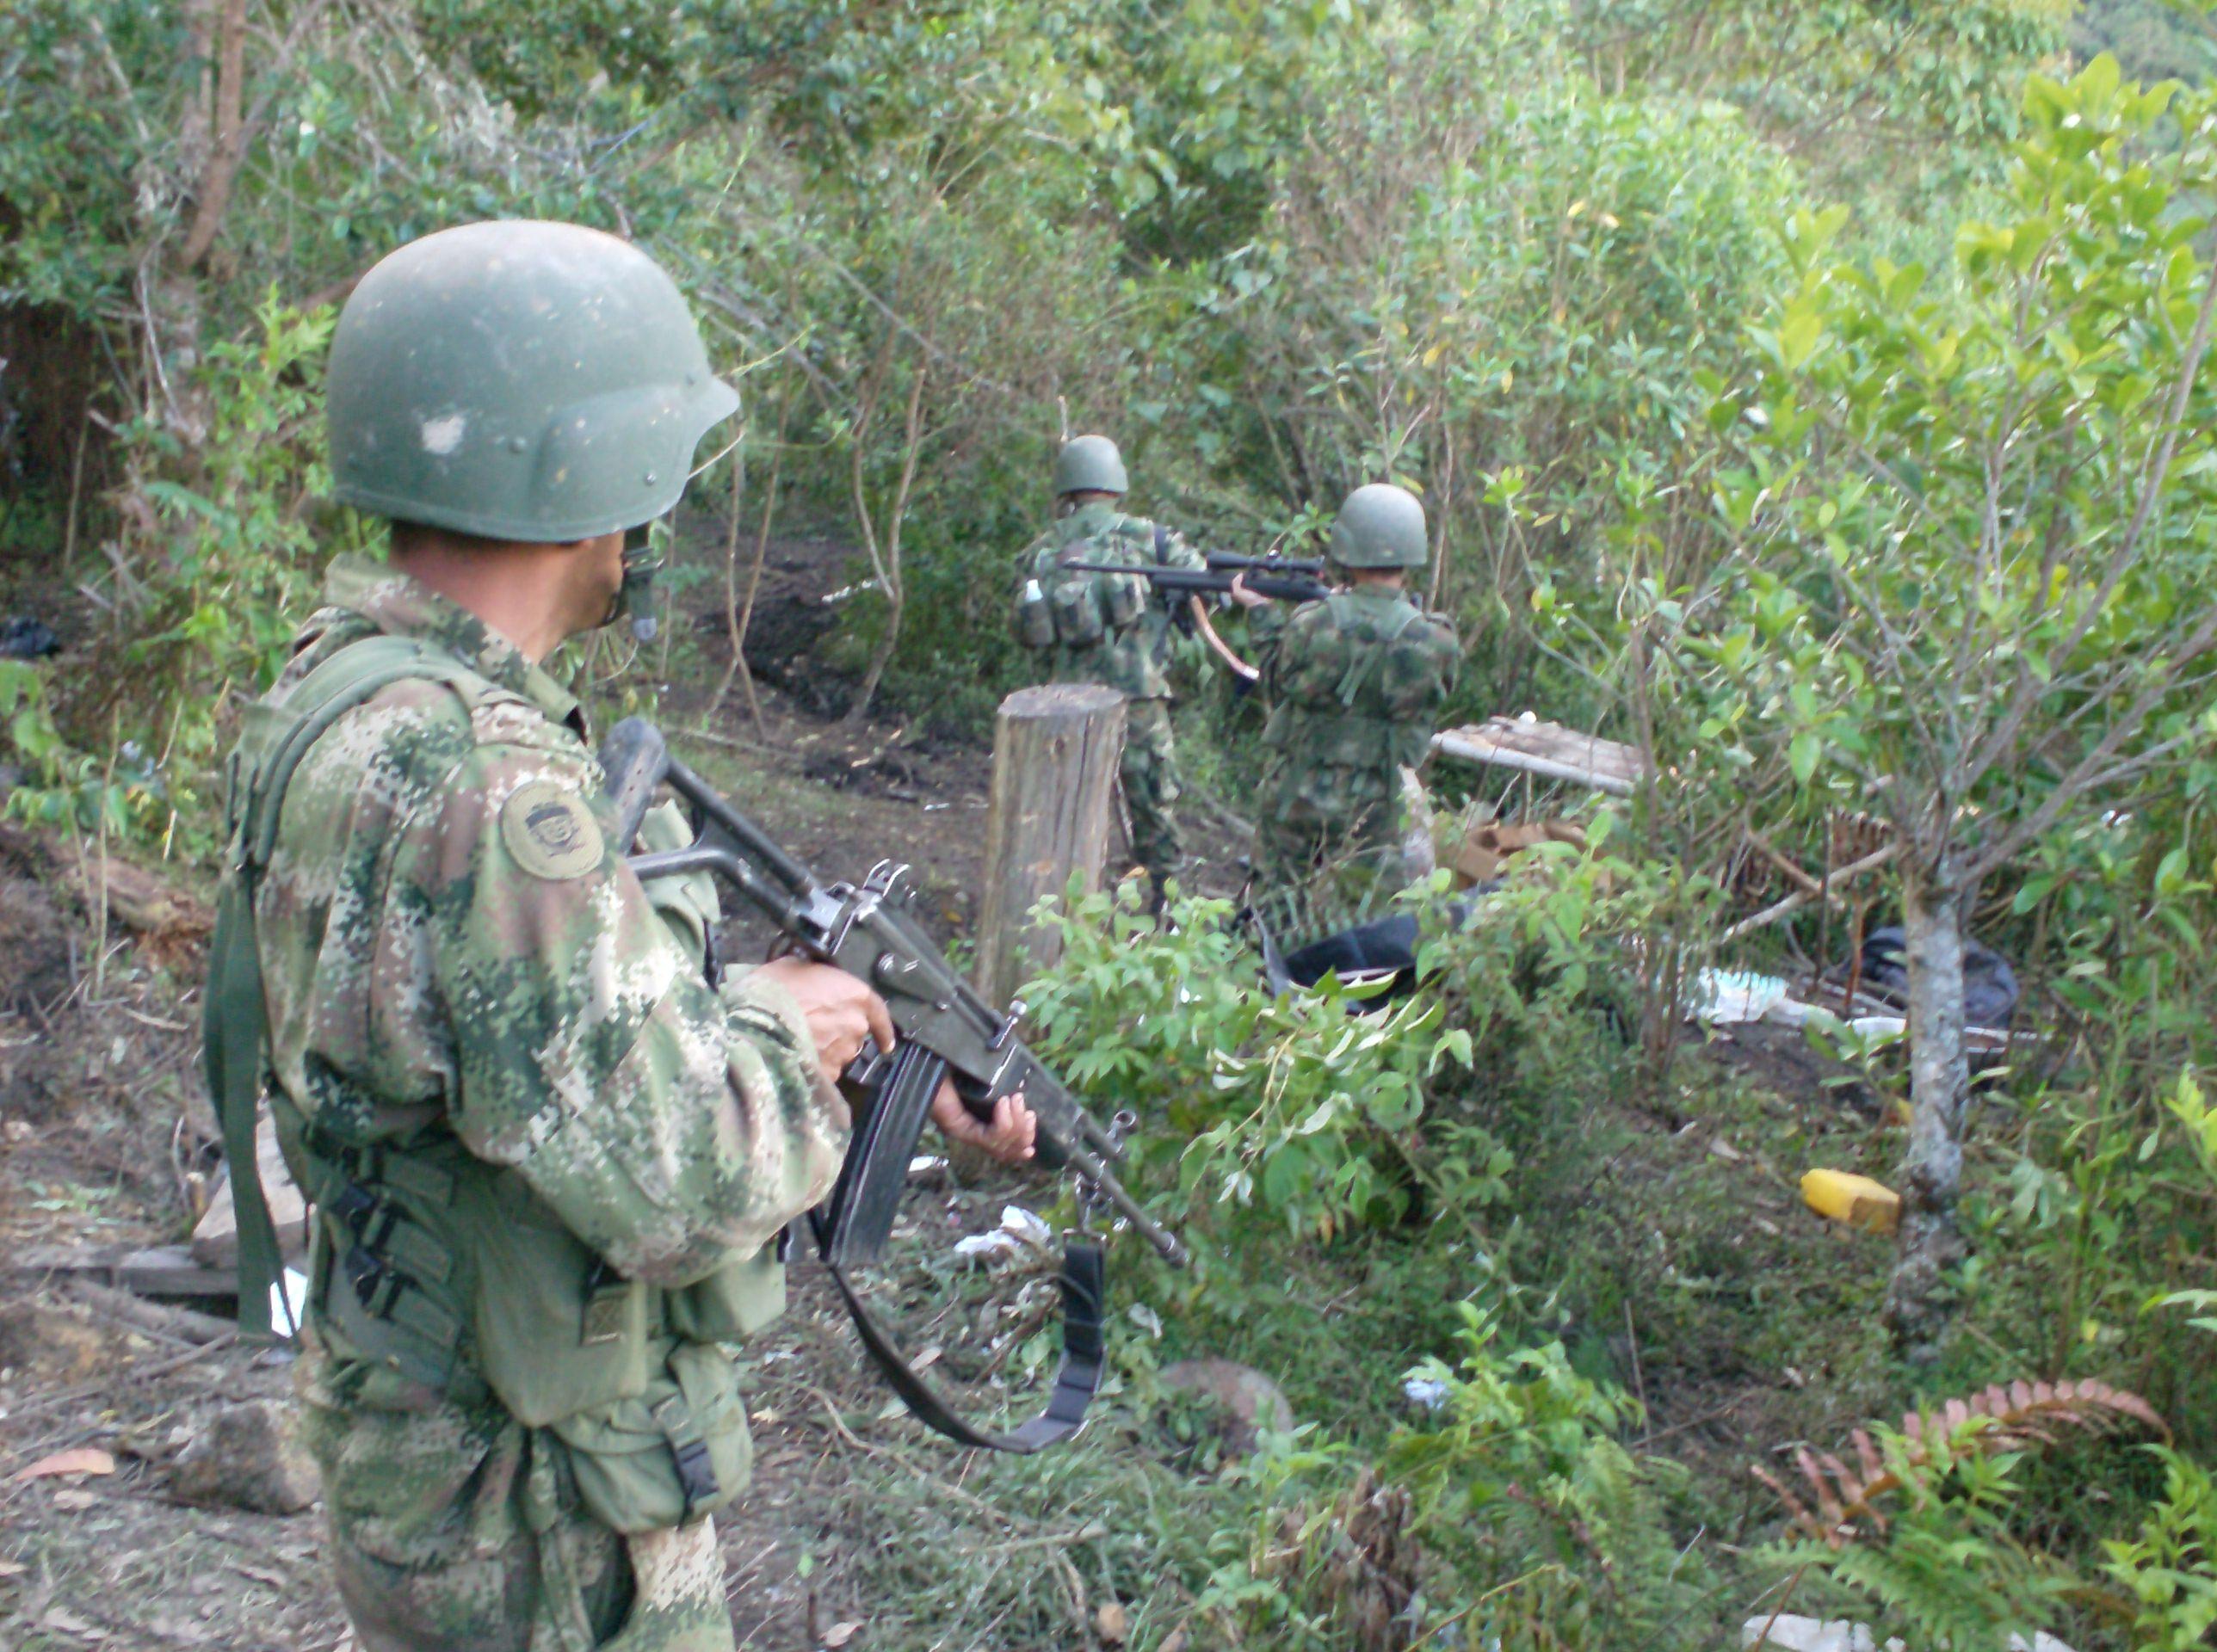 Desactivan campo minado cerca de una escuela en Tuluá